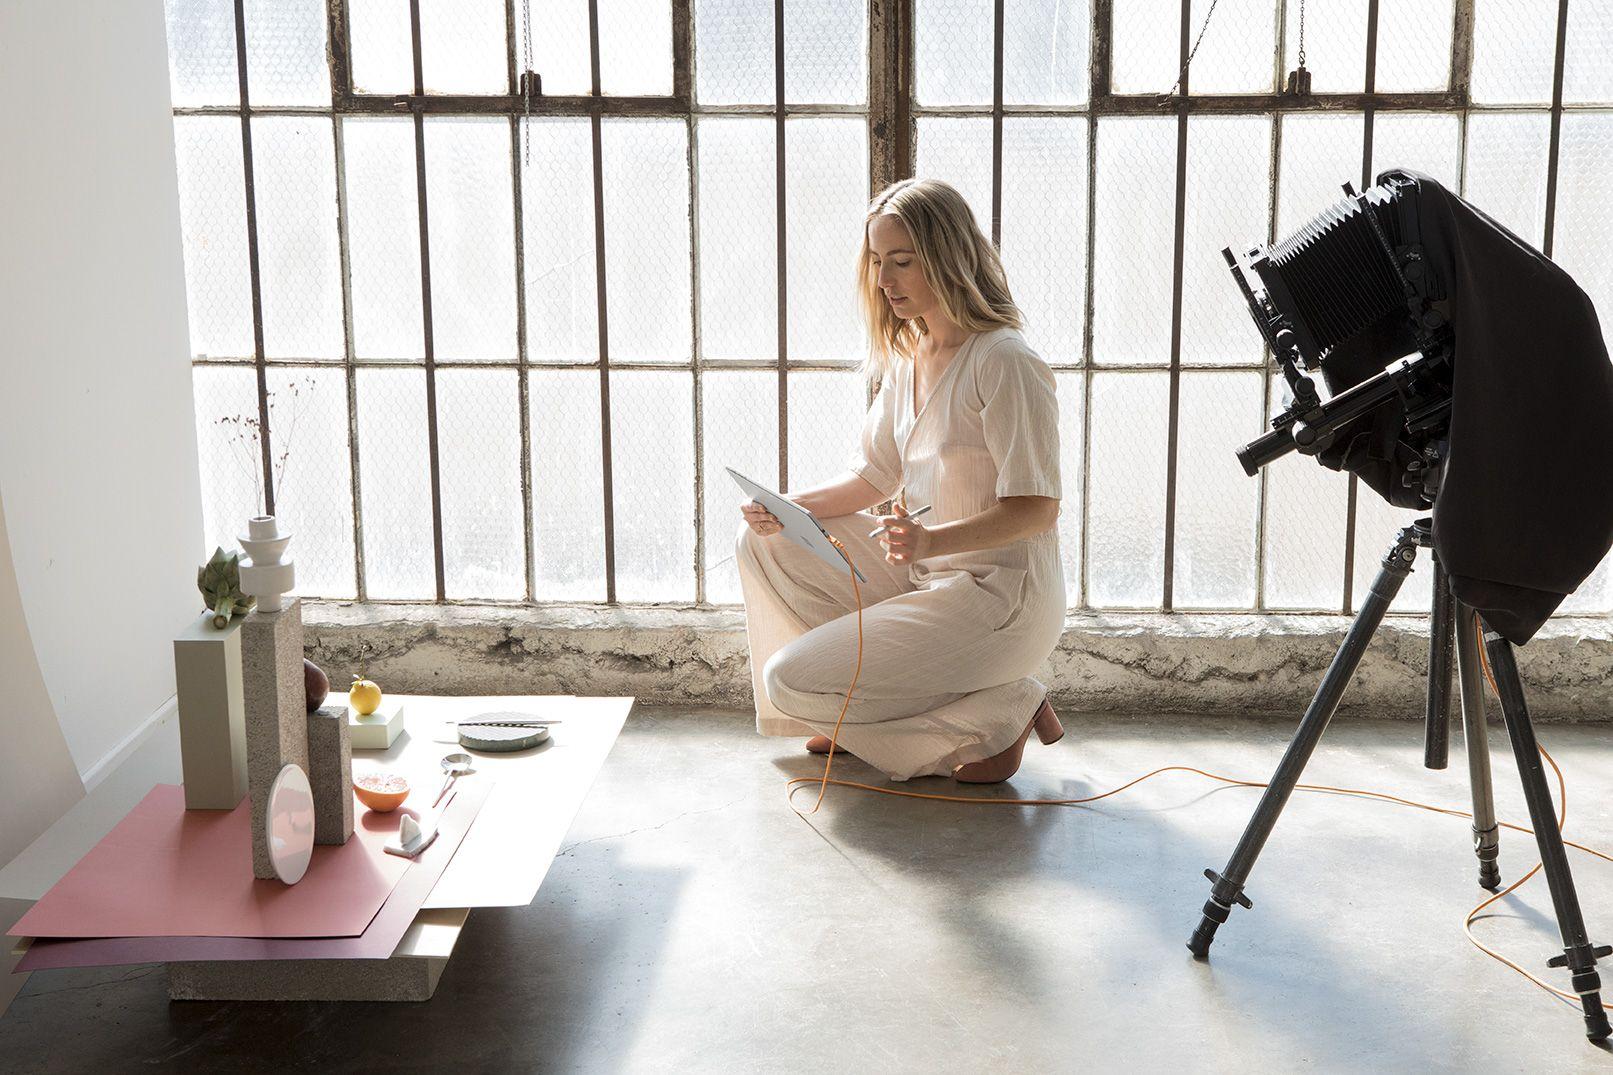 Eine Frau arbeitet in einem Fotostudio an einem Surface Pro.